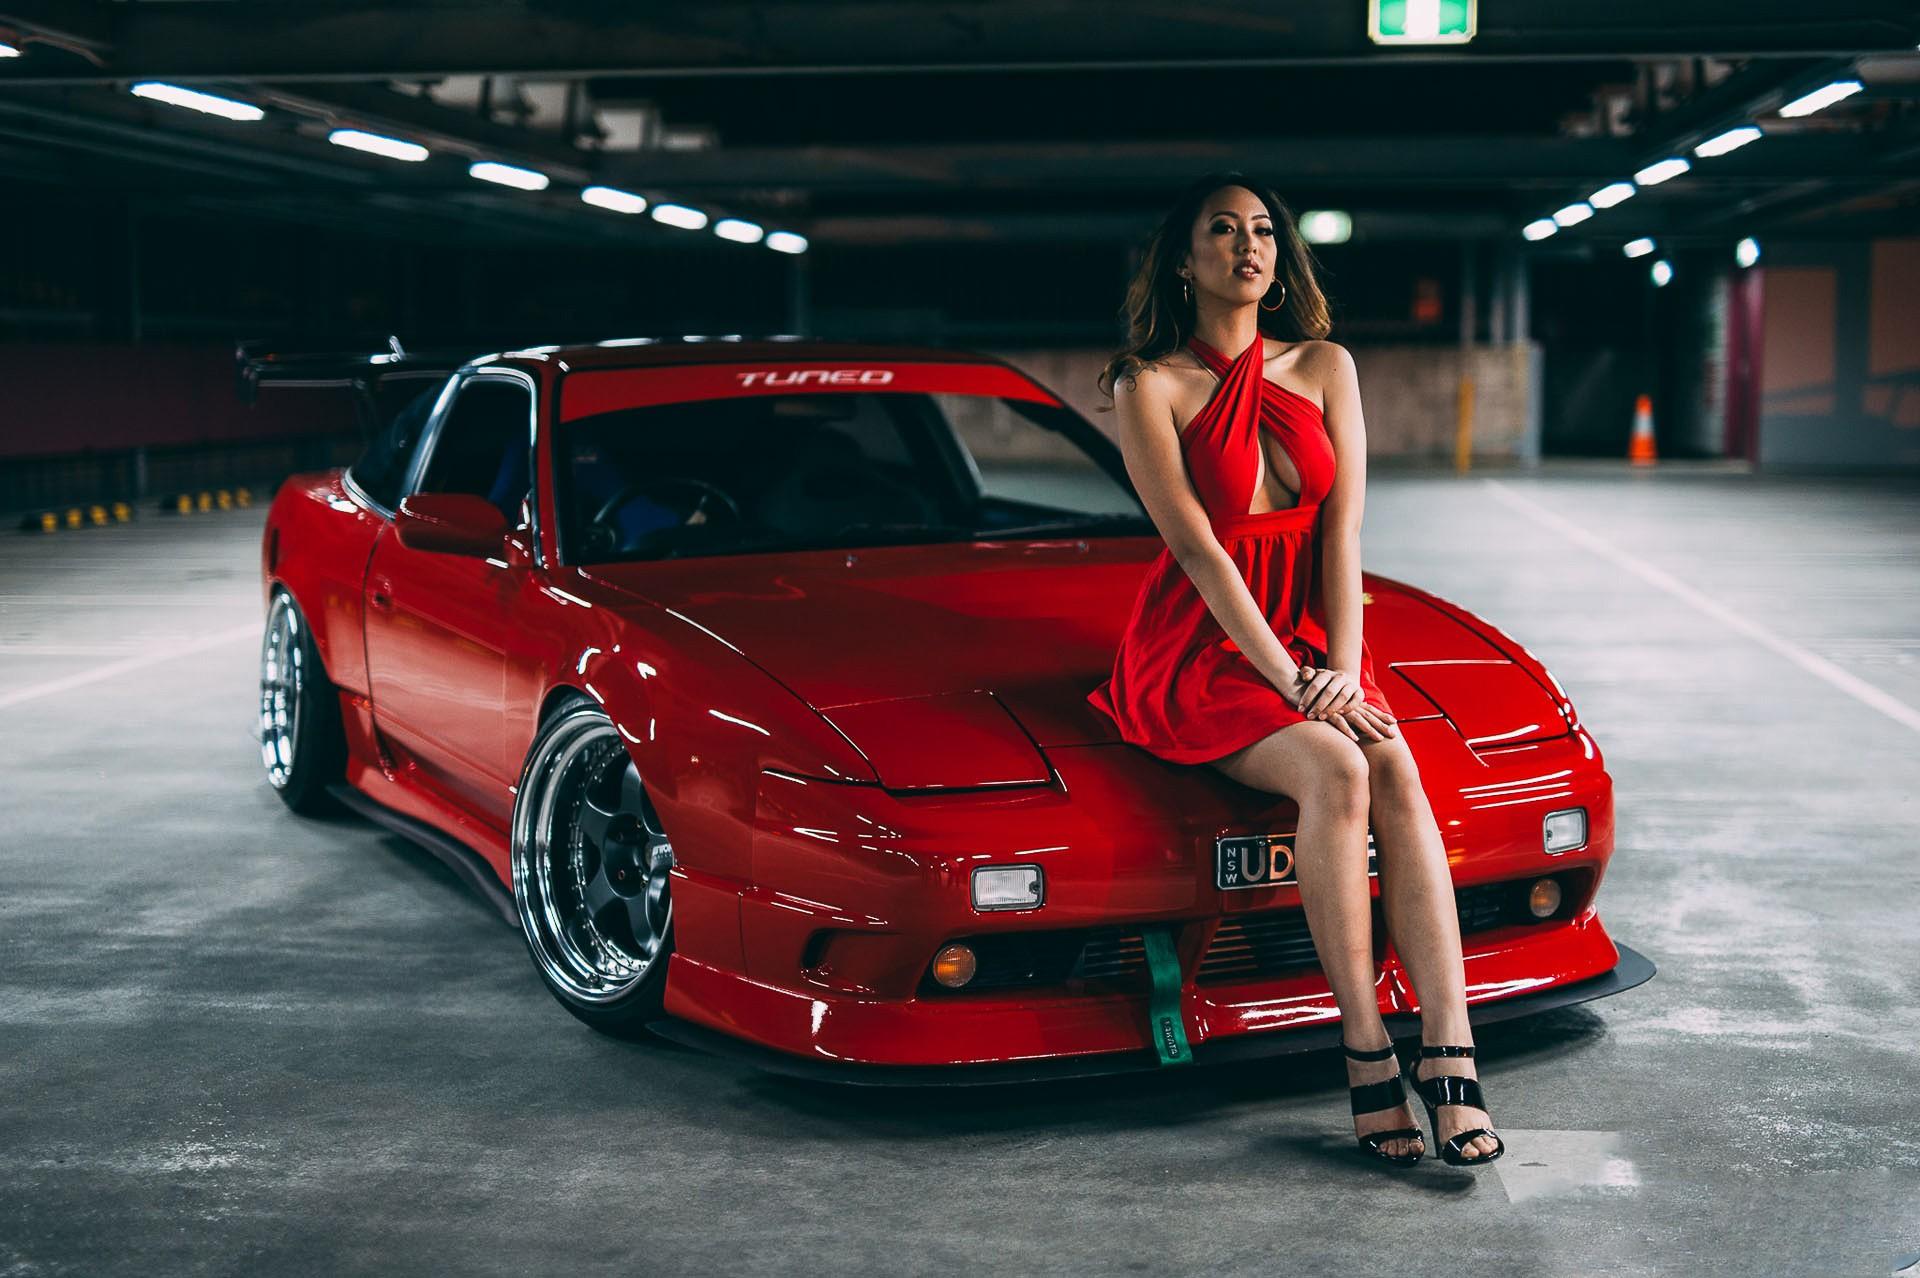 Mazda Furai Vehículos Supercars Hd Fondos De Pantalla: Fondos De Pantalla : Mujer, Modelo, Vehículo, Mujeres Con